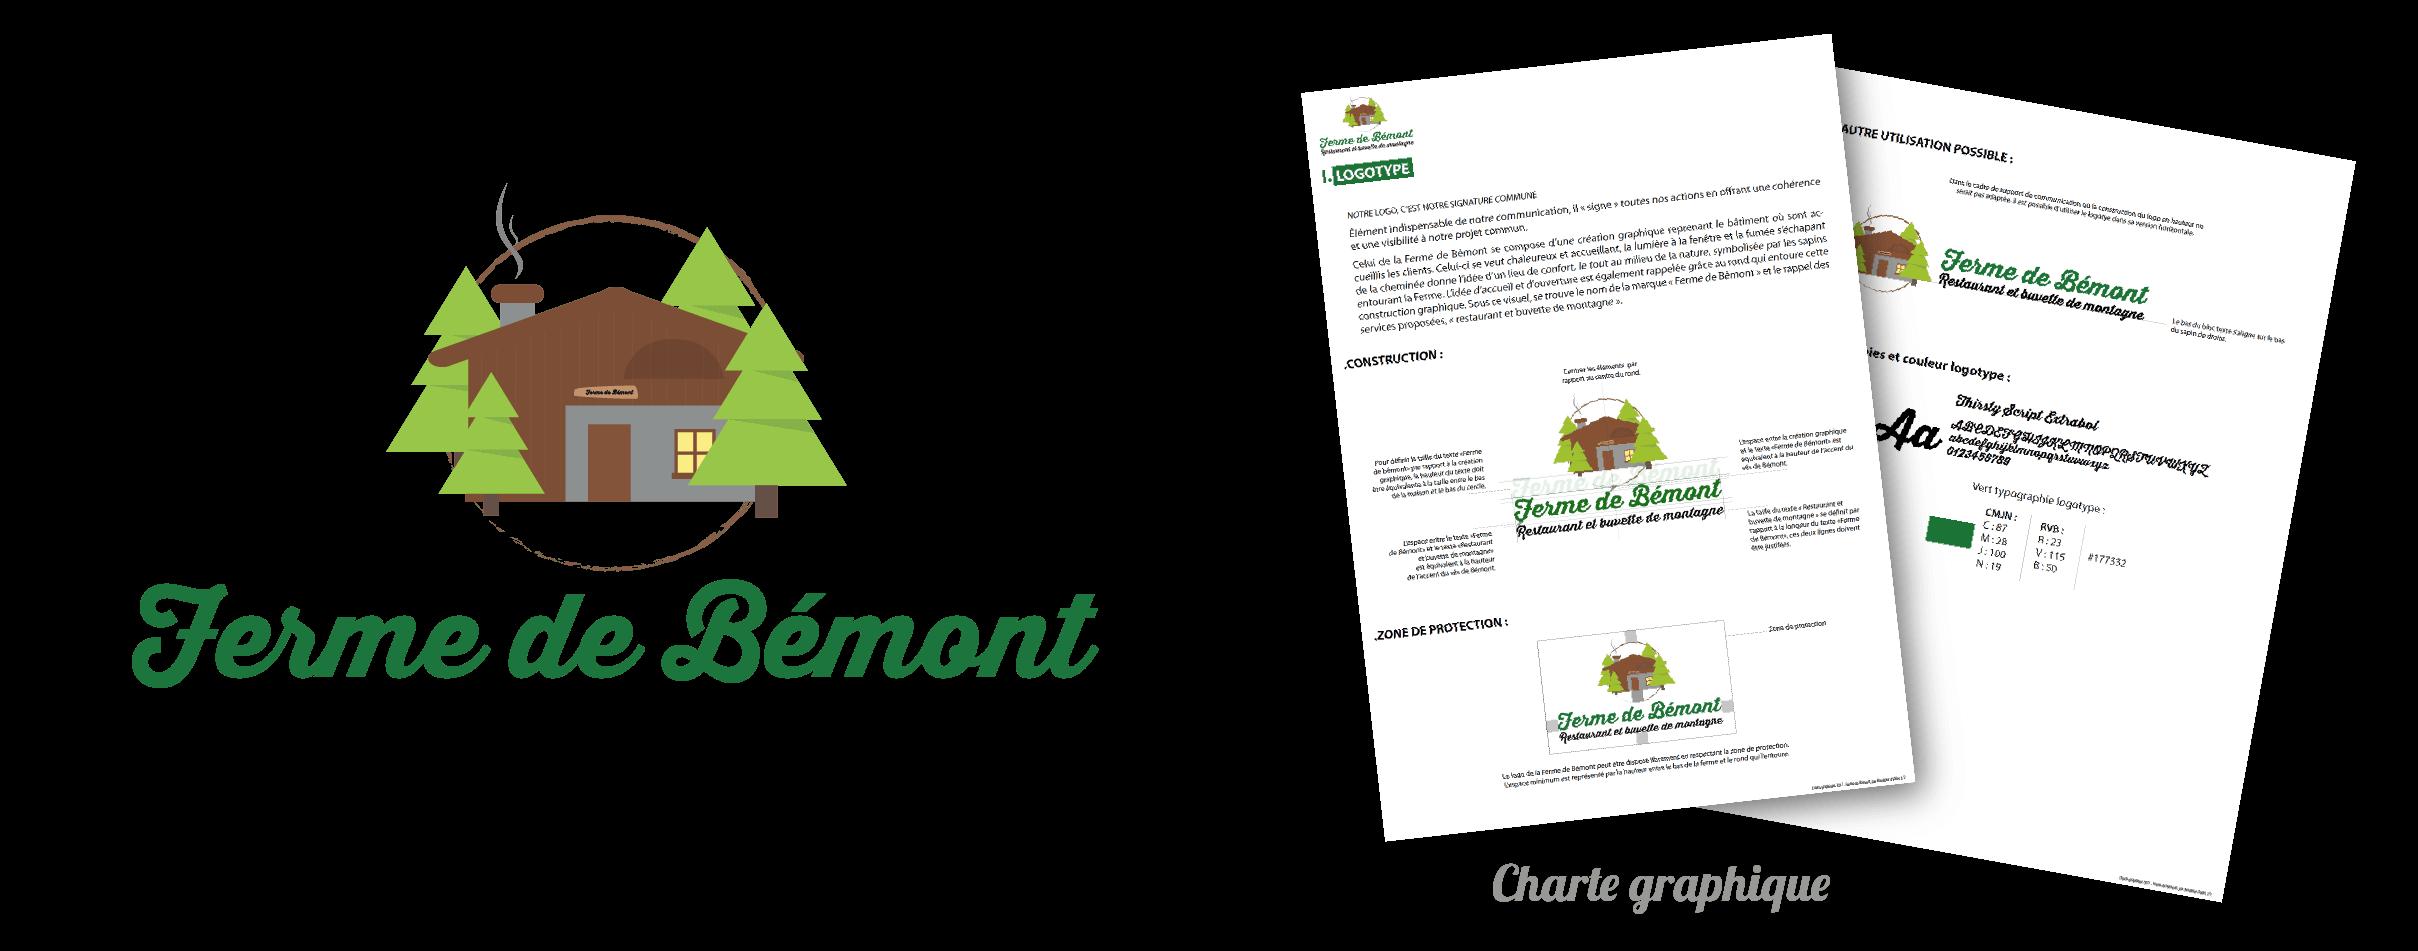 Image logotype et charte graphique Ferme de Bémont